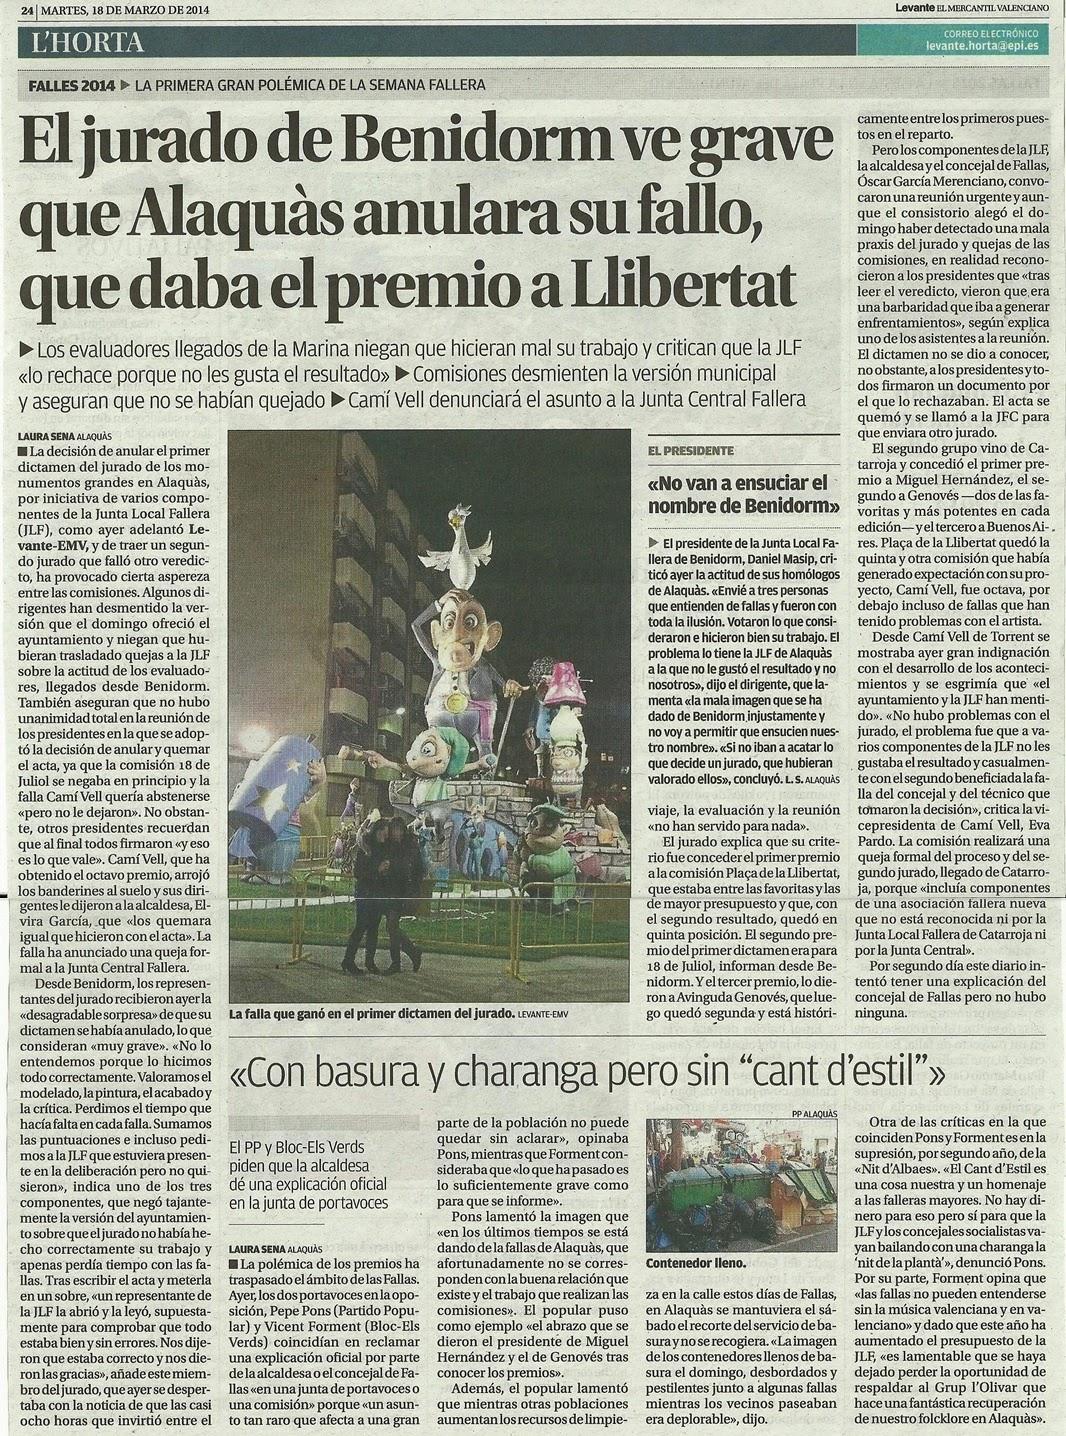 Premios con polemica en las fallas de alaqu s dos jurados dos primeros premios - Trabajo en alaquas ...